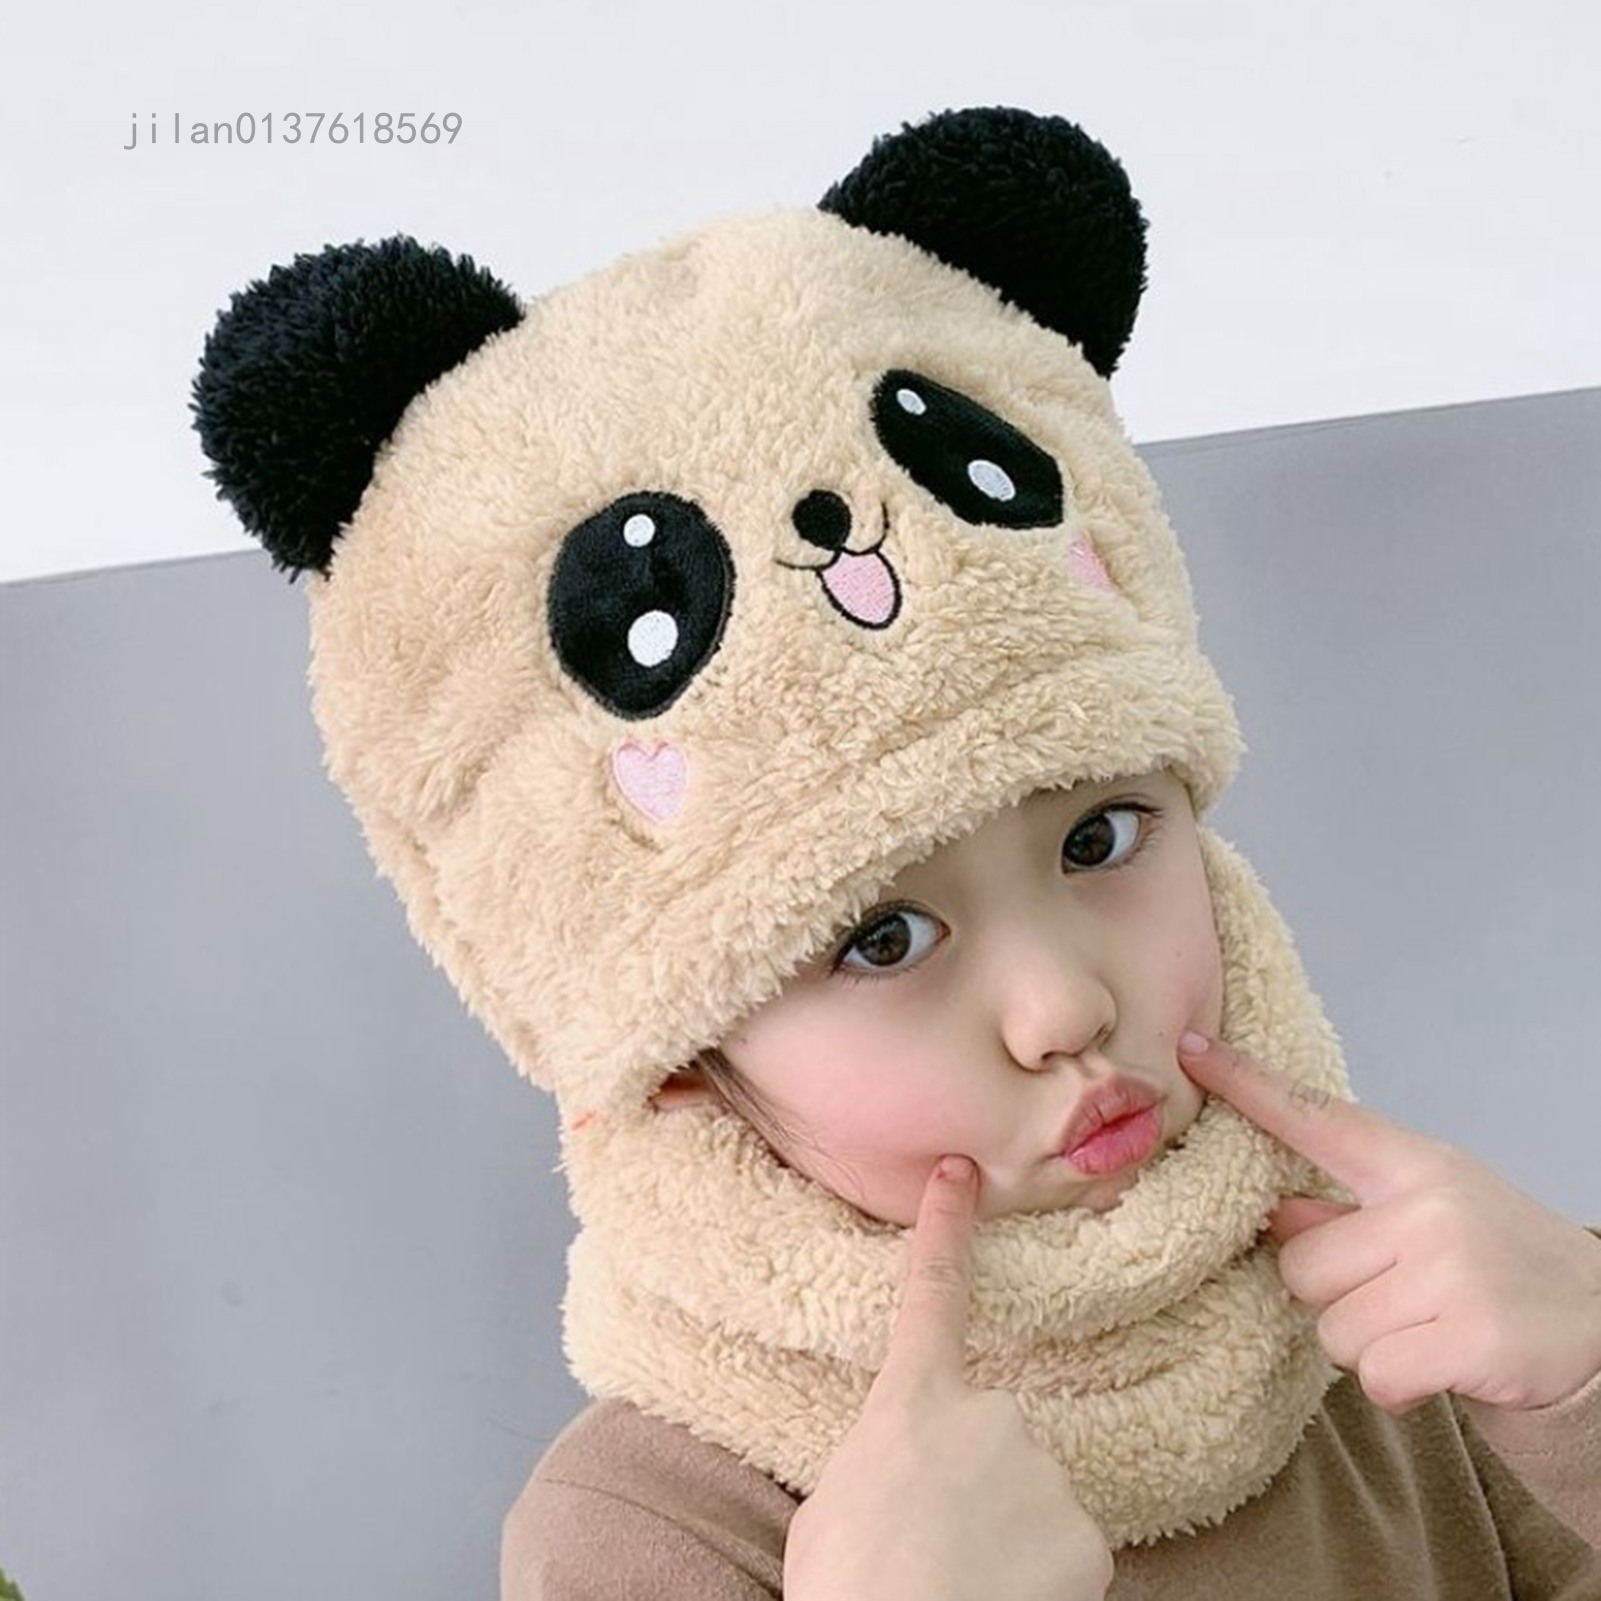 Mùa Đông Cho Trẻ Em Mũ Mũ Len Dệt Kim Bé Gái Cỡ Lỡn Lông Cừu Mũ Hoạt Hình Khuôn Mặt Khăn Mũ Trẻ Em Tai Mèo Dễ Thương Mũ Cho Trẻ Em